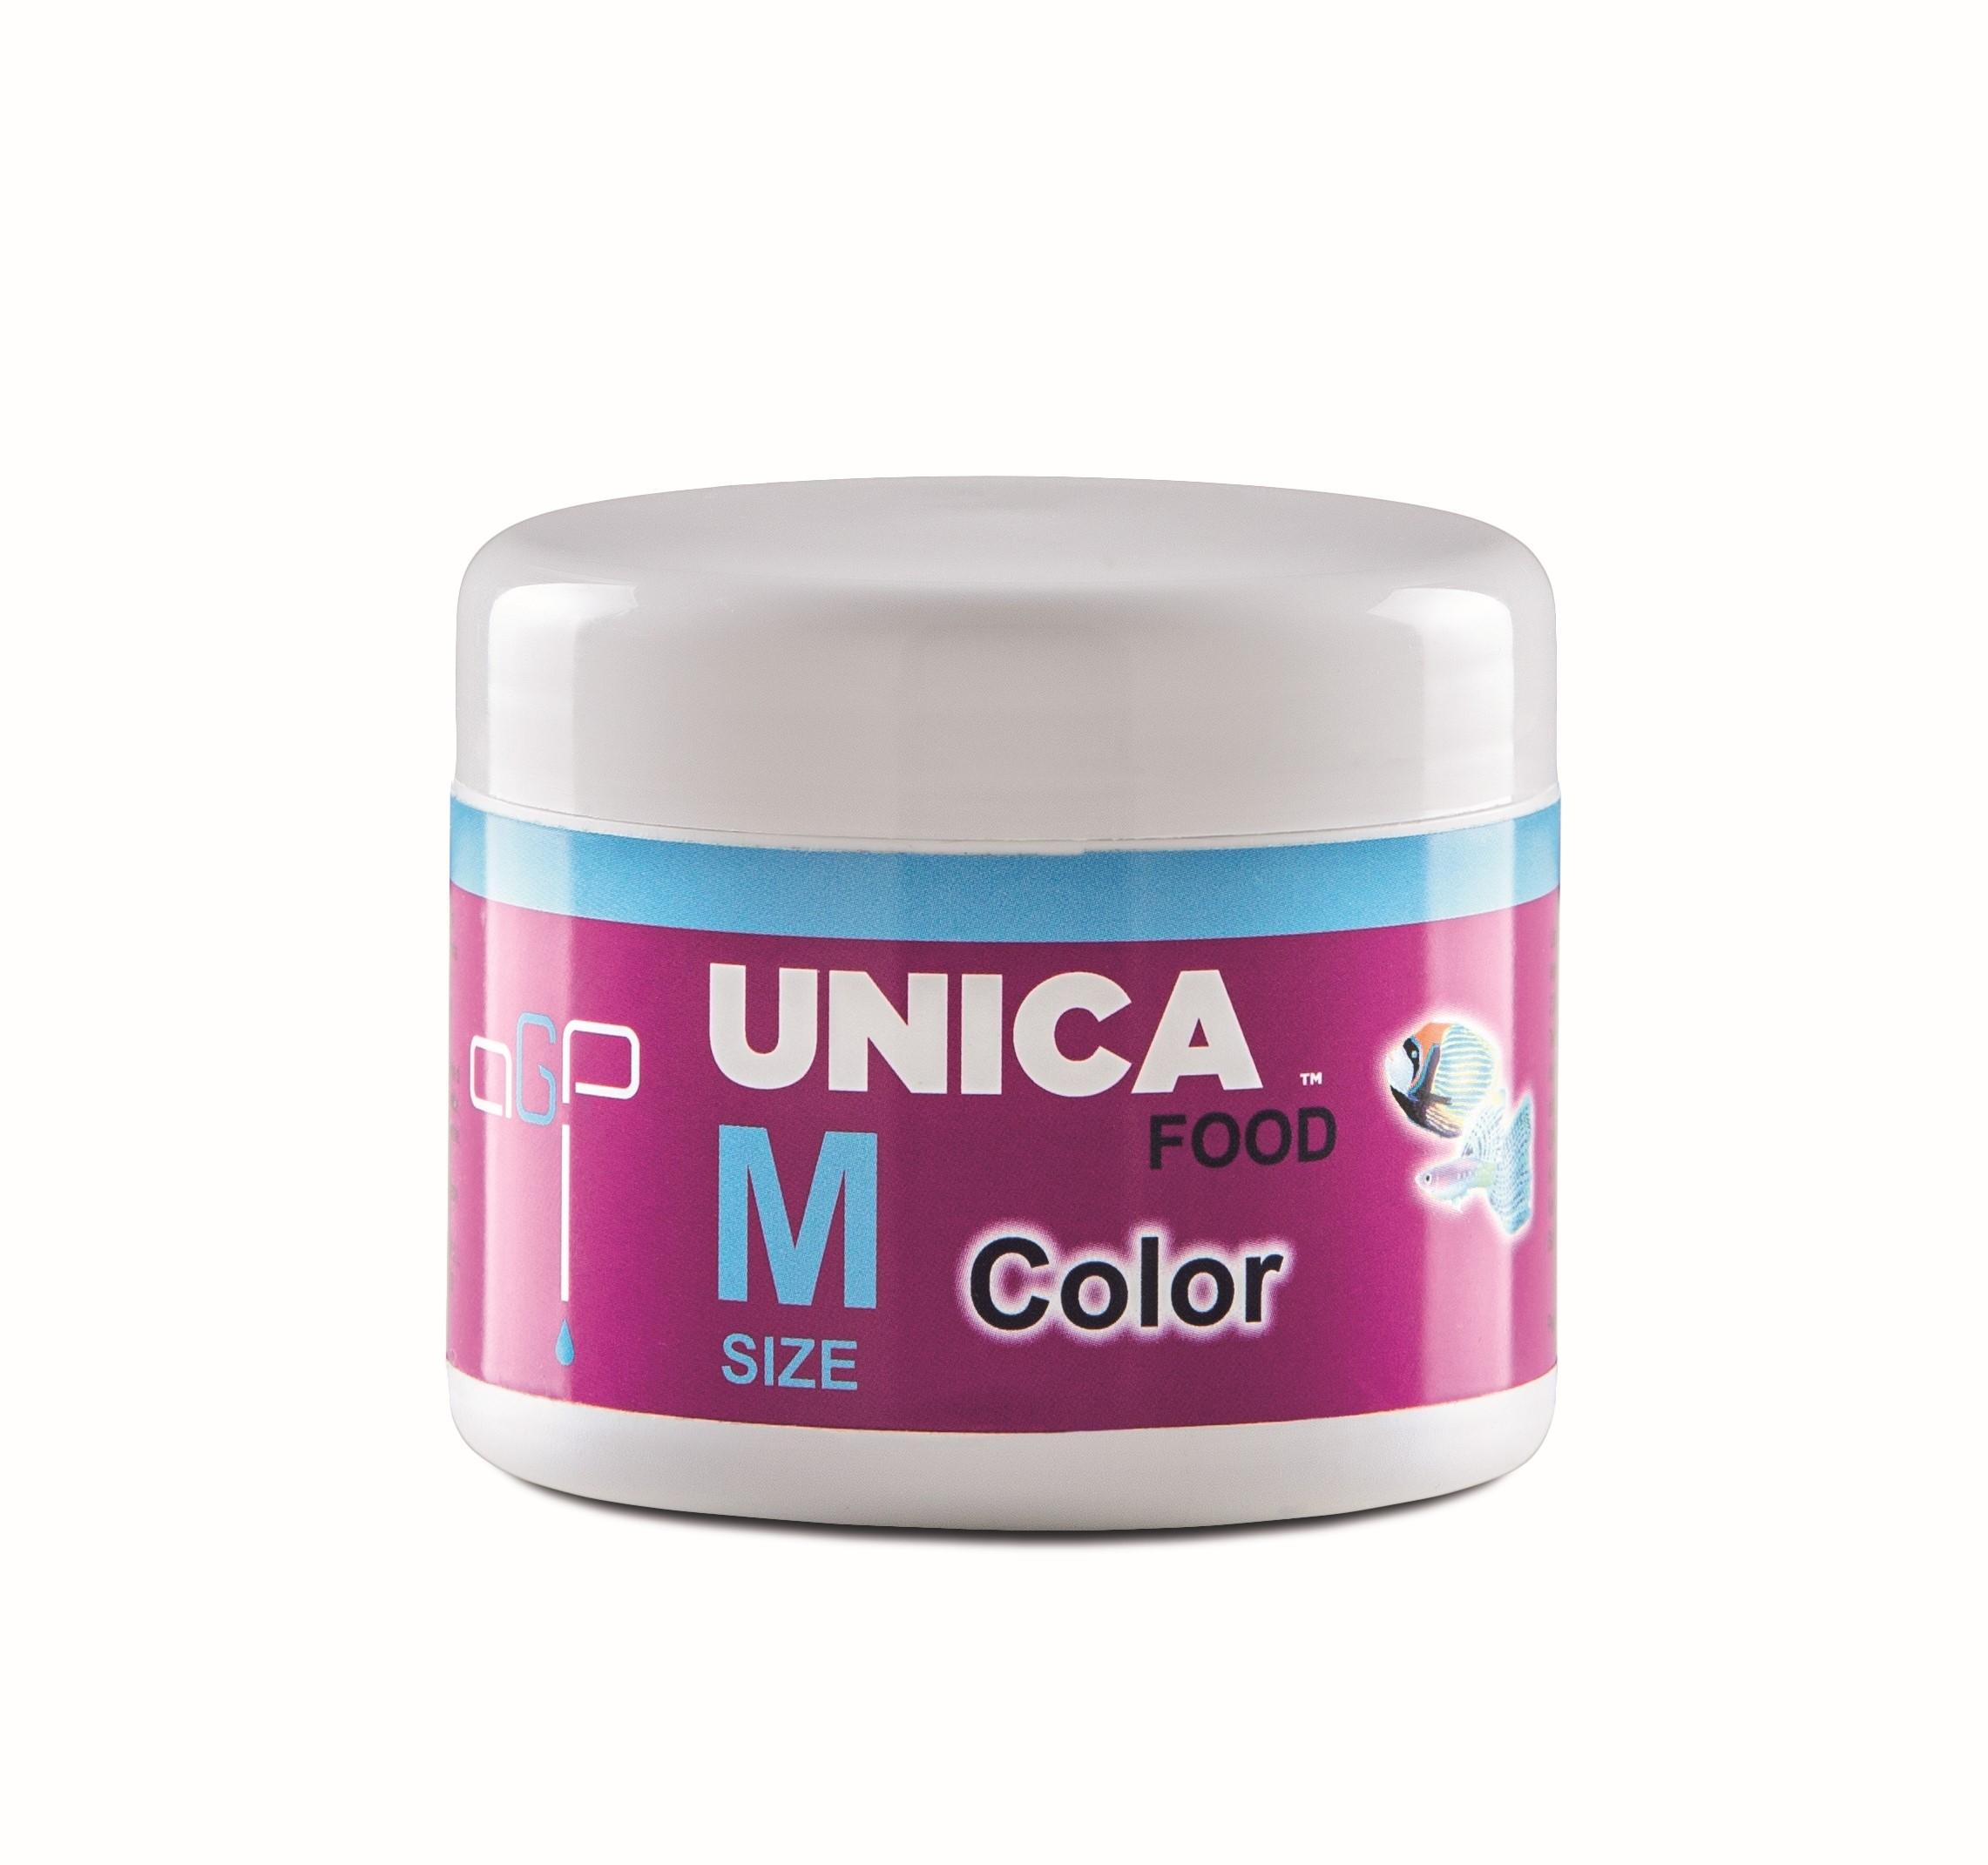 Color M 50g